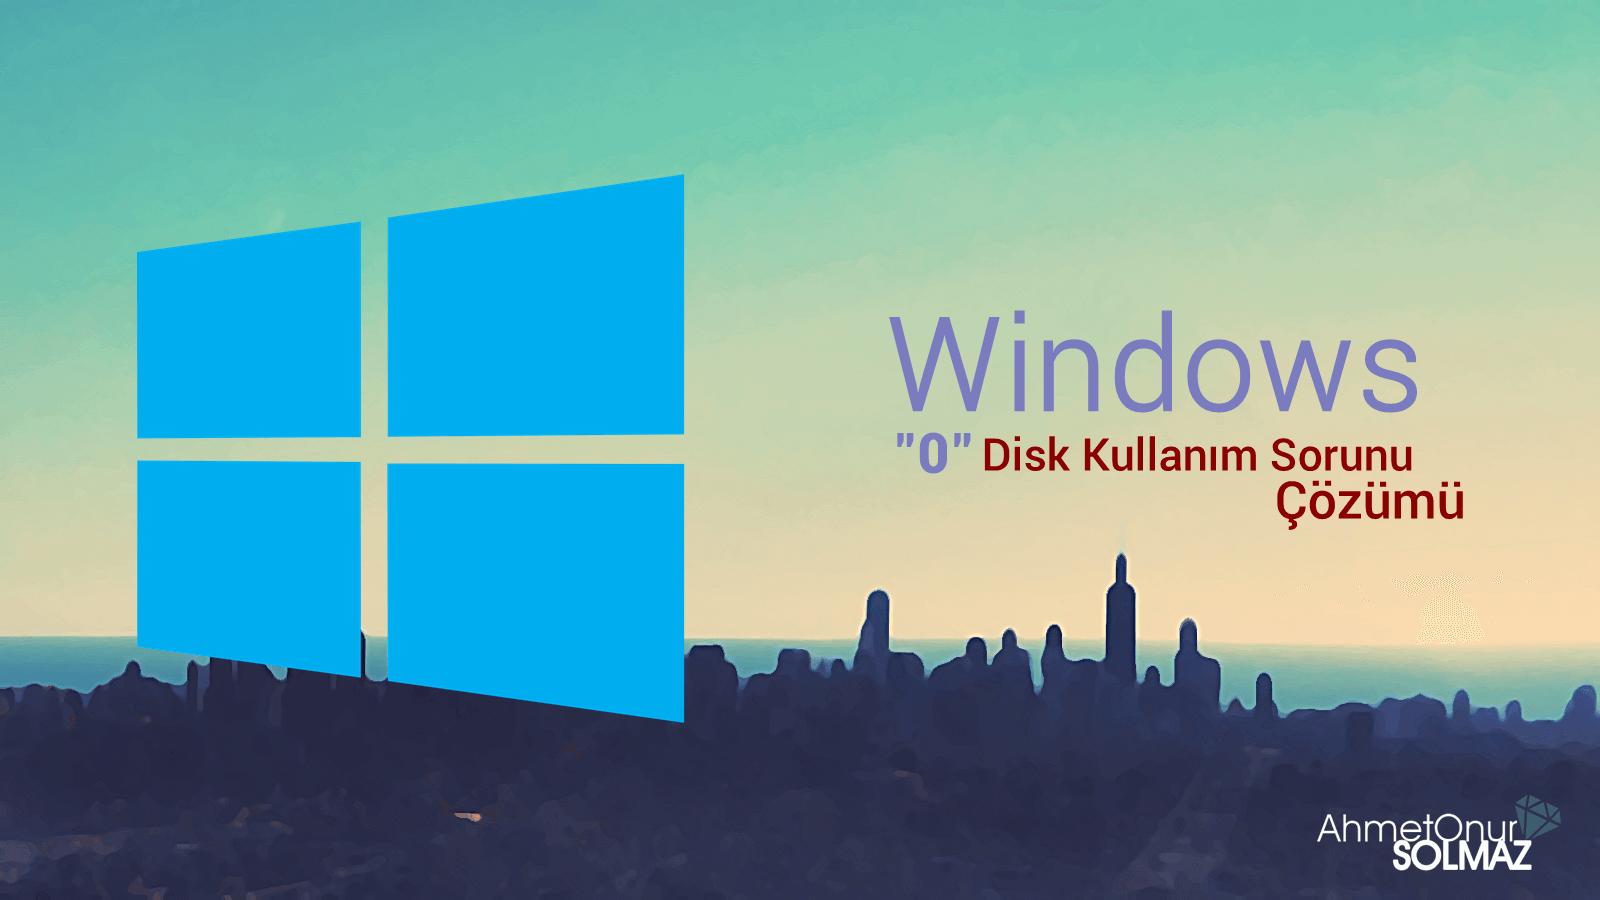 Windows 0 Disk Kullanım Sorunu Çözümü